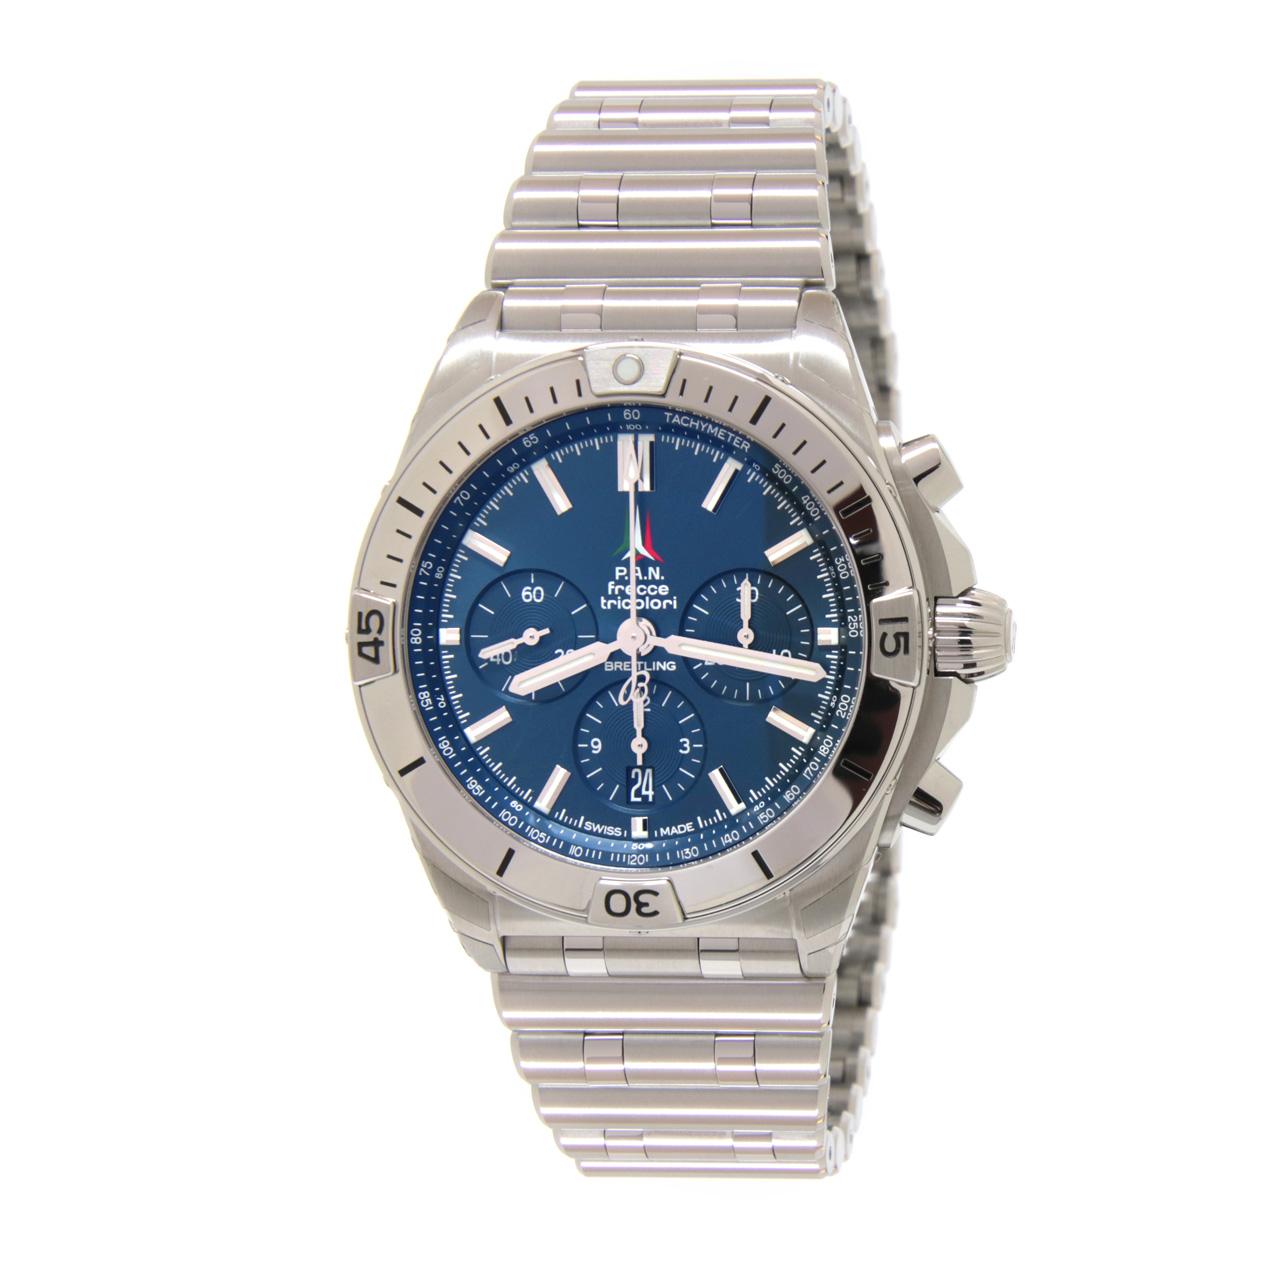 Chronomat B01 Frecce Tricolori Limited Edition